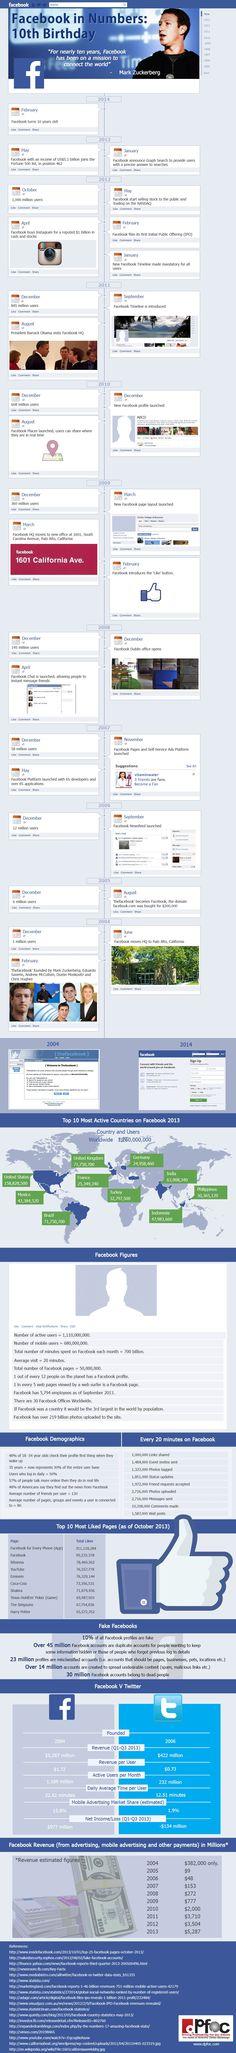 10 Jahre Facebook – eine Zeitleiste im Chronik-Stil